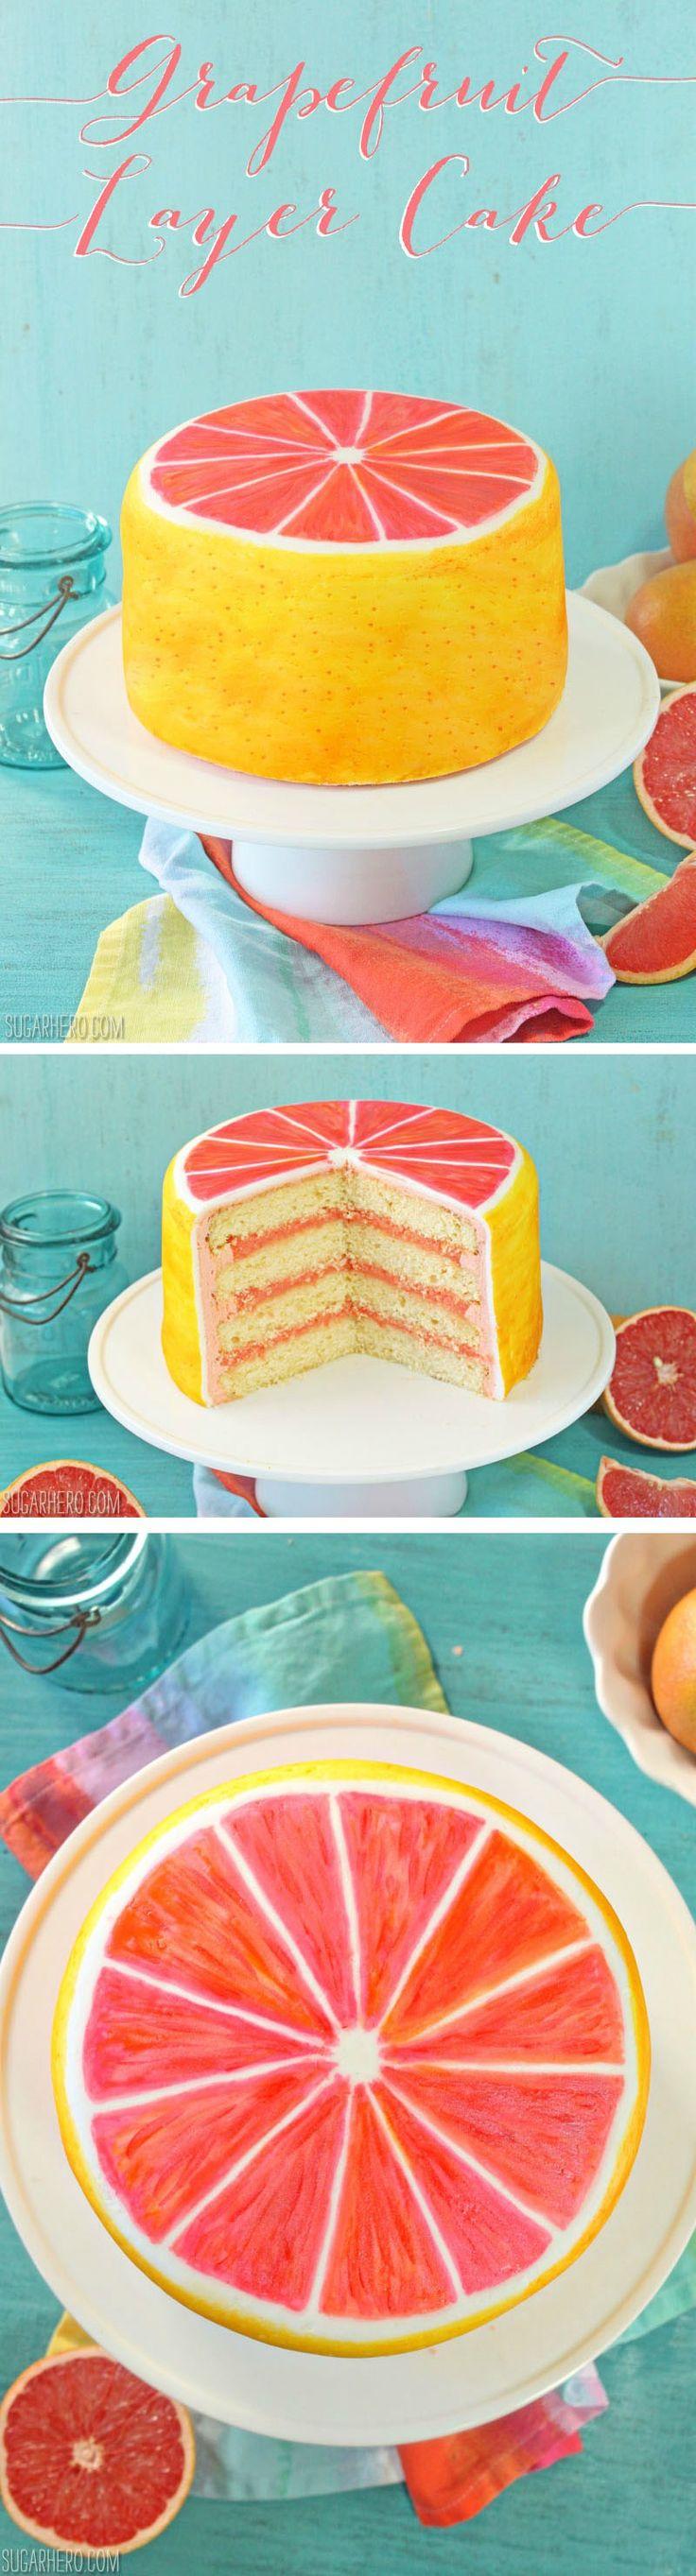 Grapefruit Layer Cake - with grapefruit cake layers, grapefruit curd ...